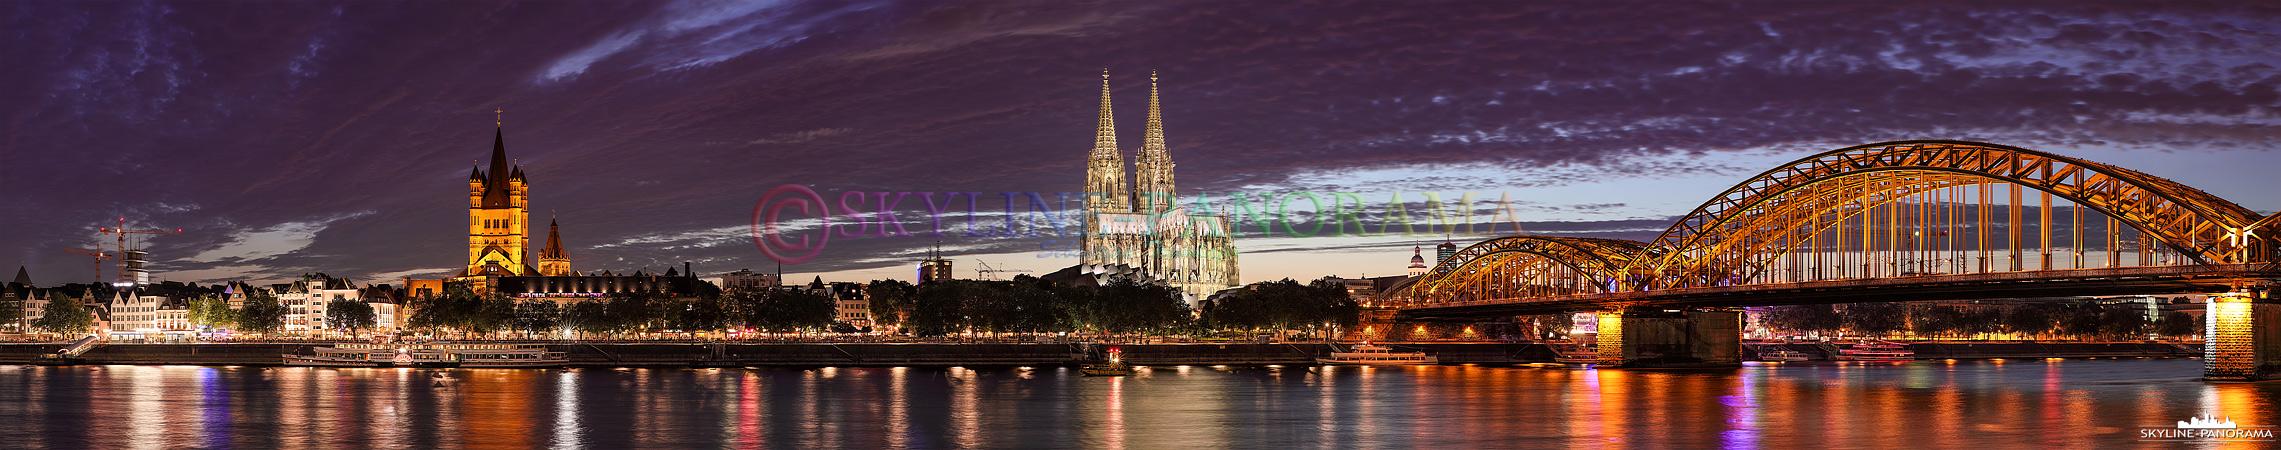 Bilder aus Köln - Das Köln Panorama gesehen vom Rheinboulevard im Spätsommer 2015.